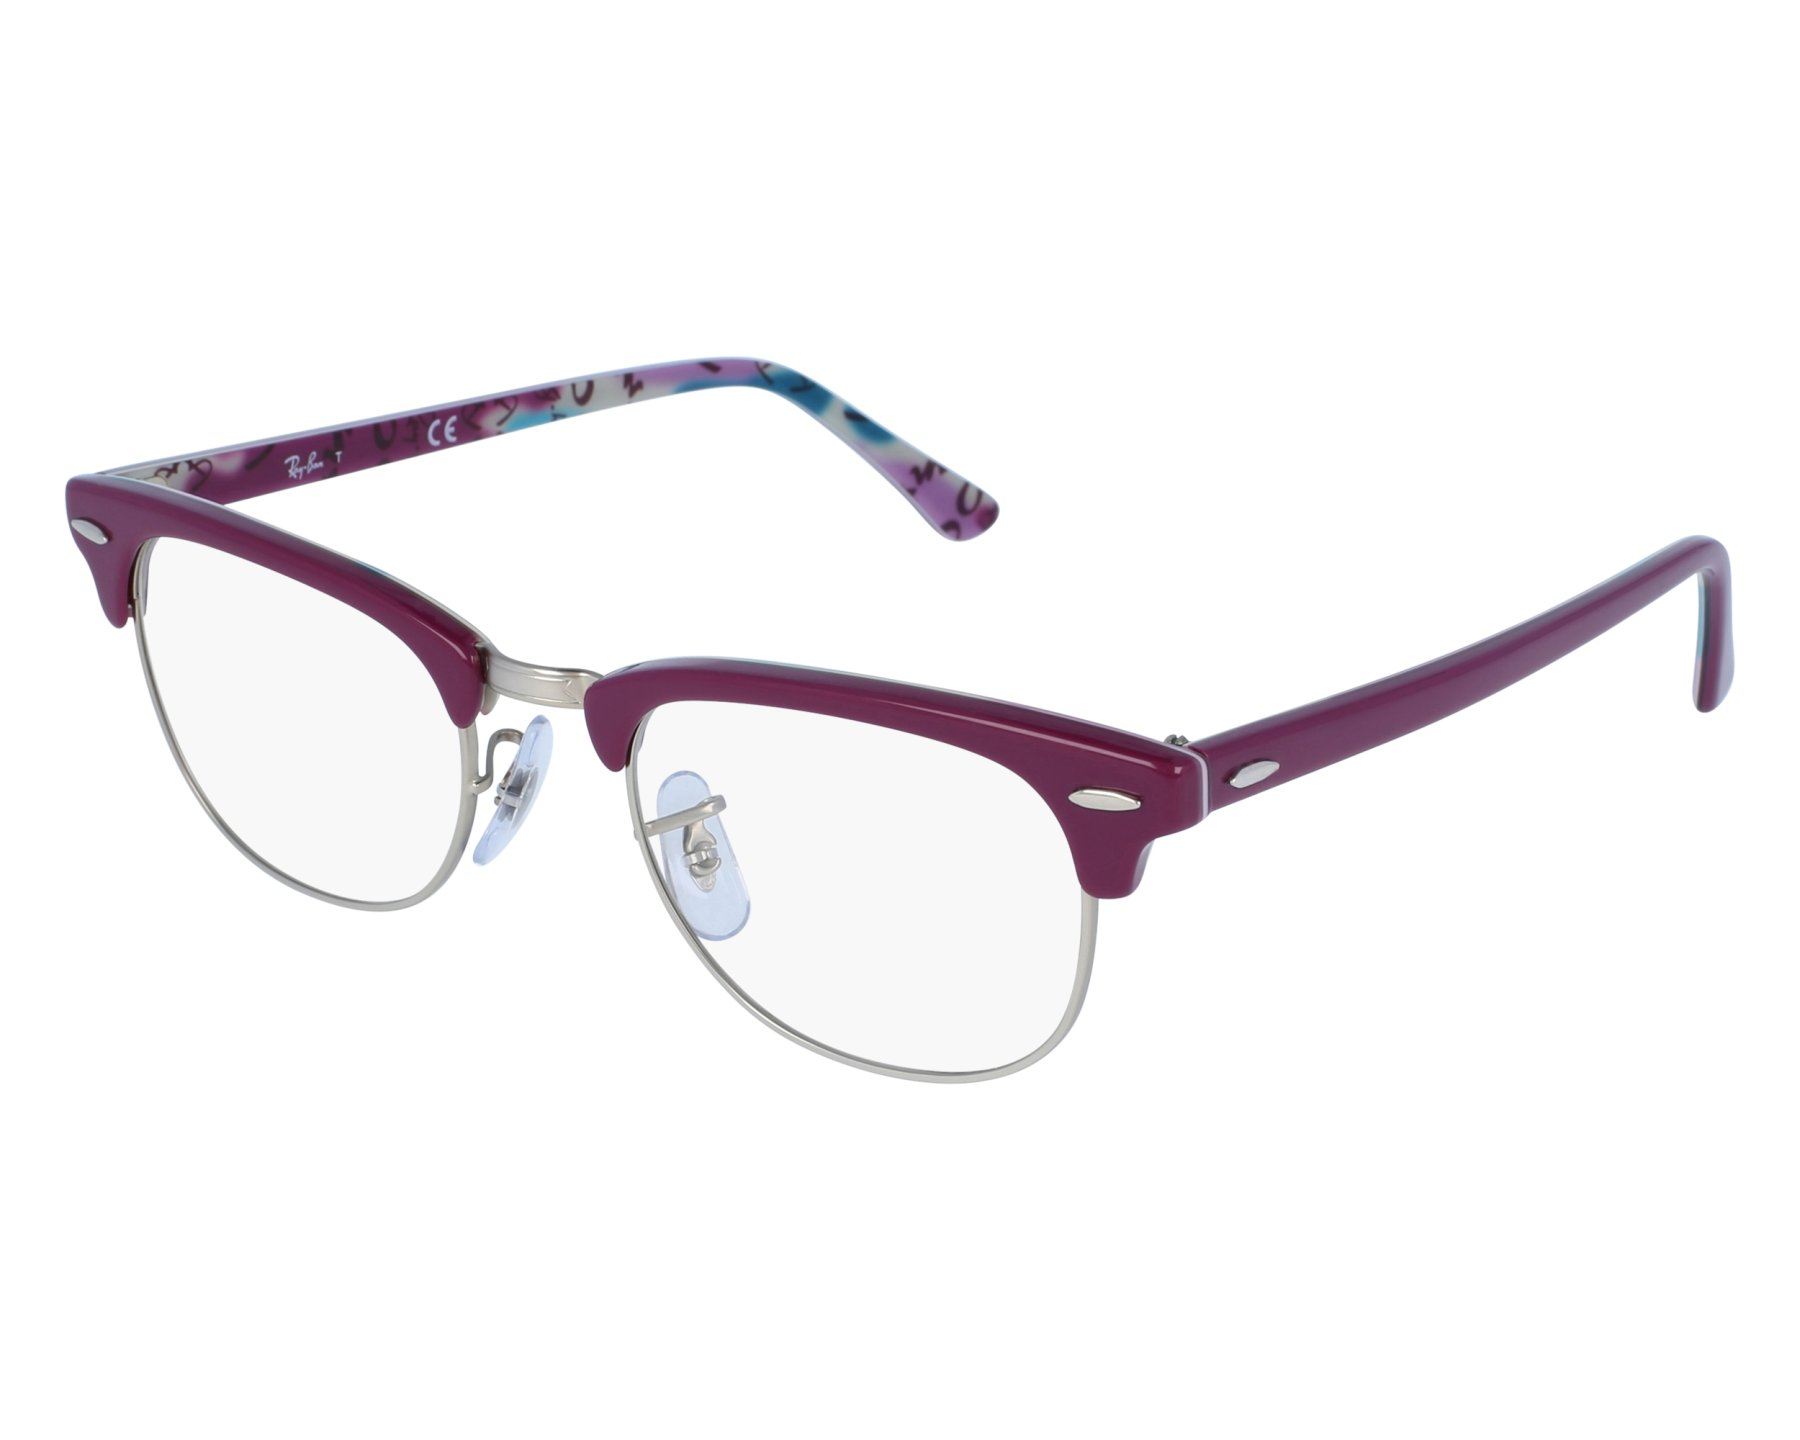 b7cdb86c225 eyeglasses Ray-Ban RX-5154 5652 49-21 Purple Silver front view